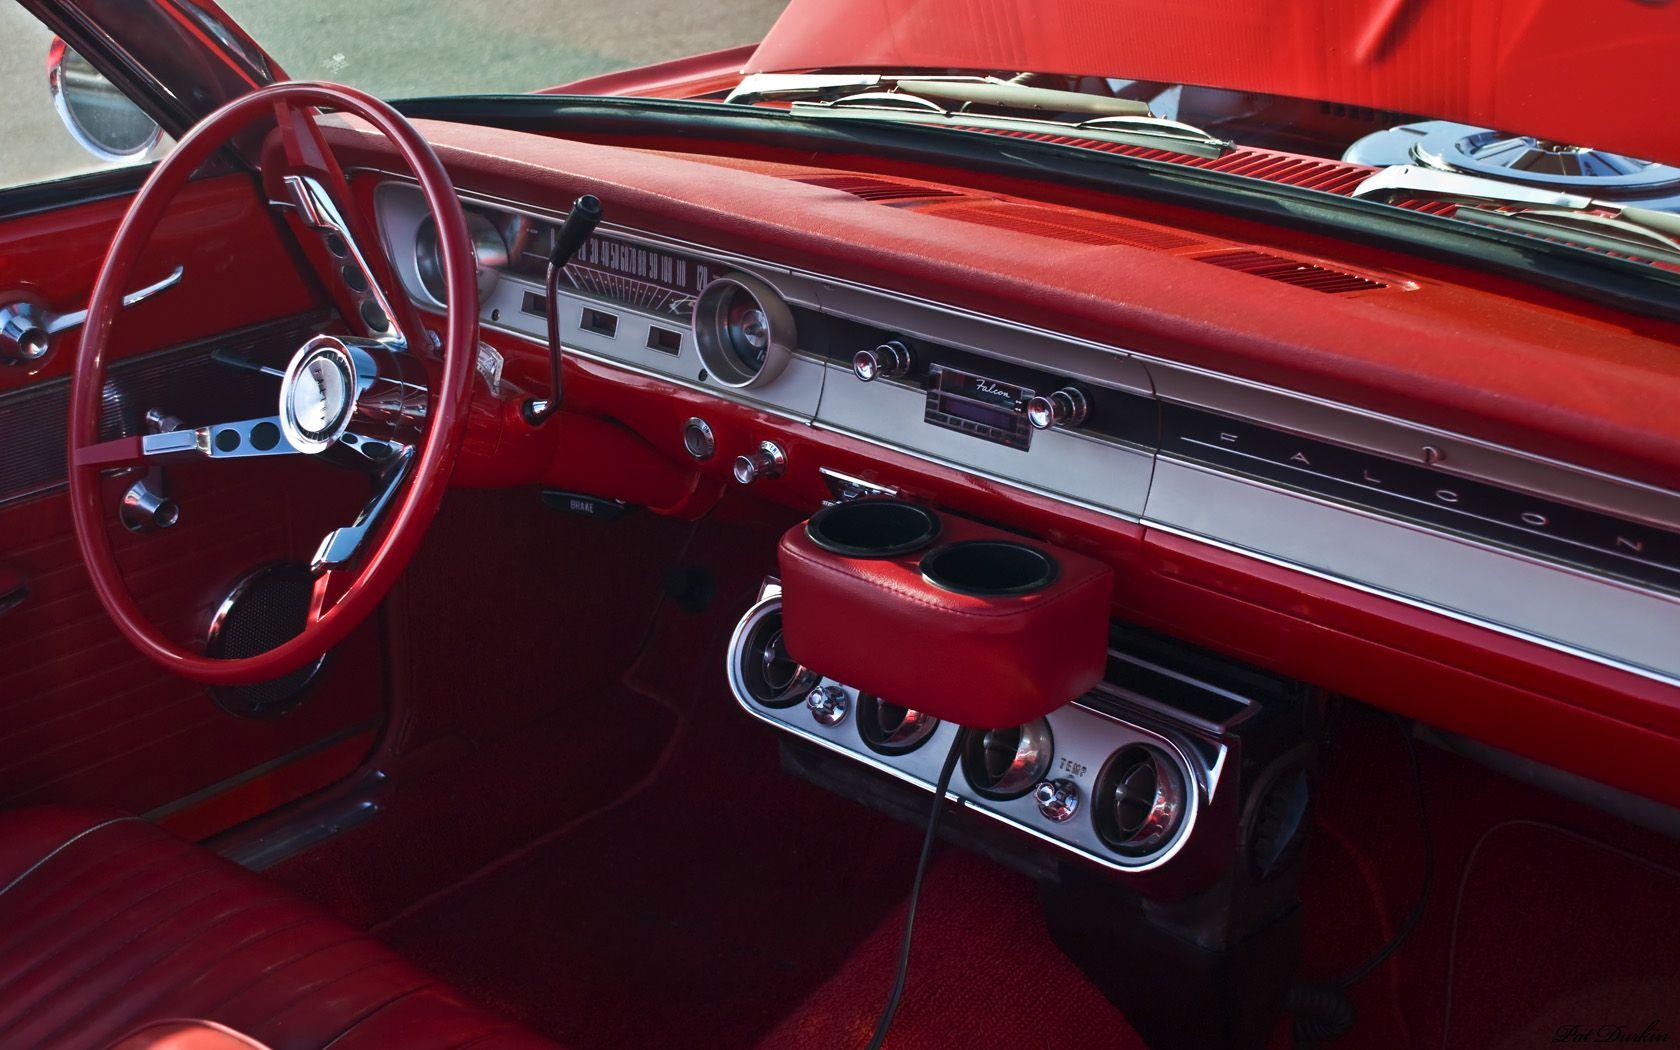 1964 Ford Falcon Futura Convertible 1964 Ford Falcon Ford